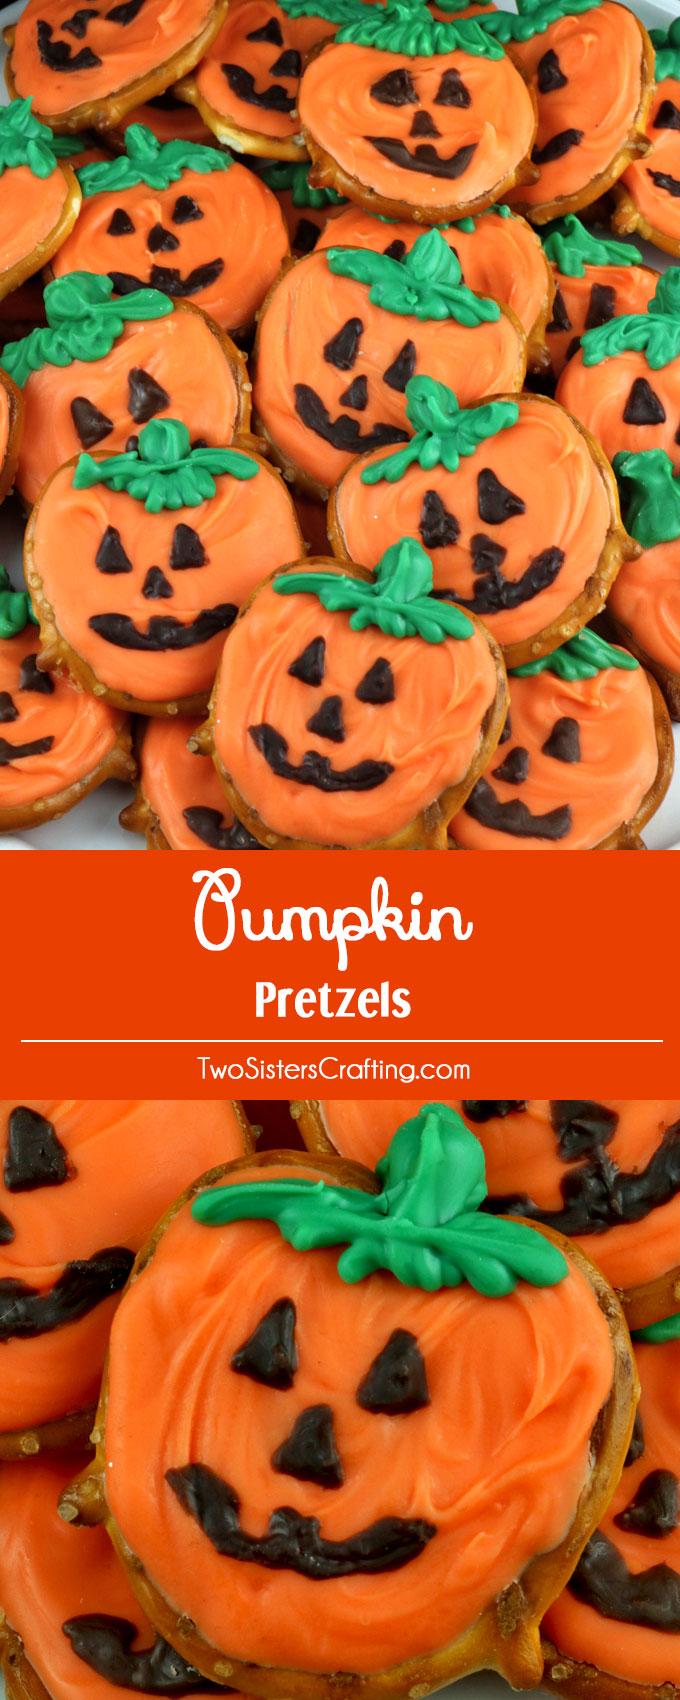 Pumpkin Pretzels Two Sisters